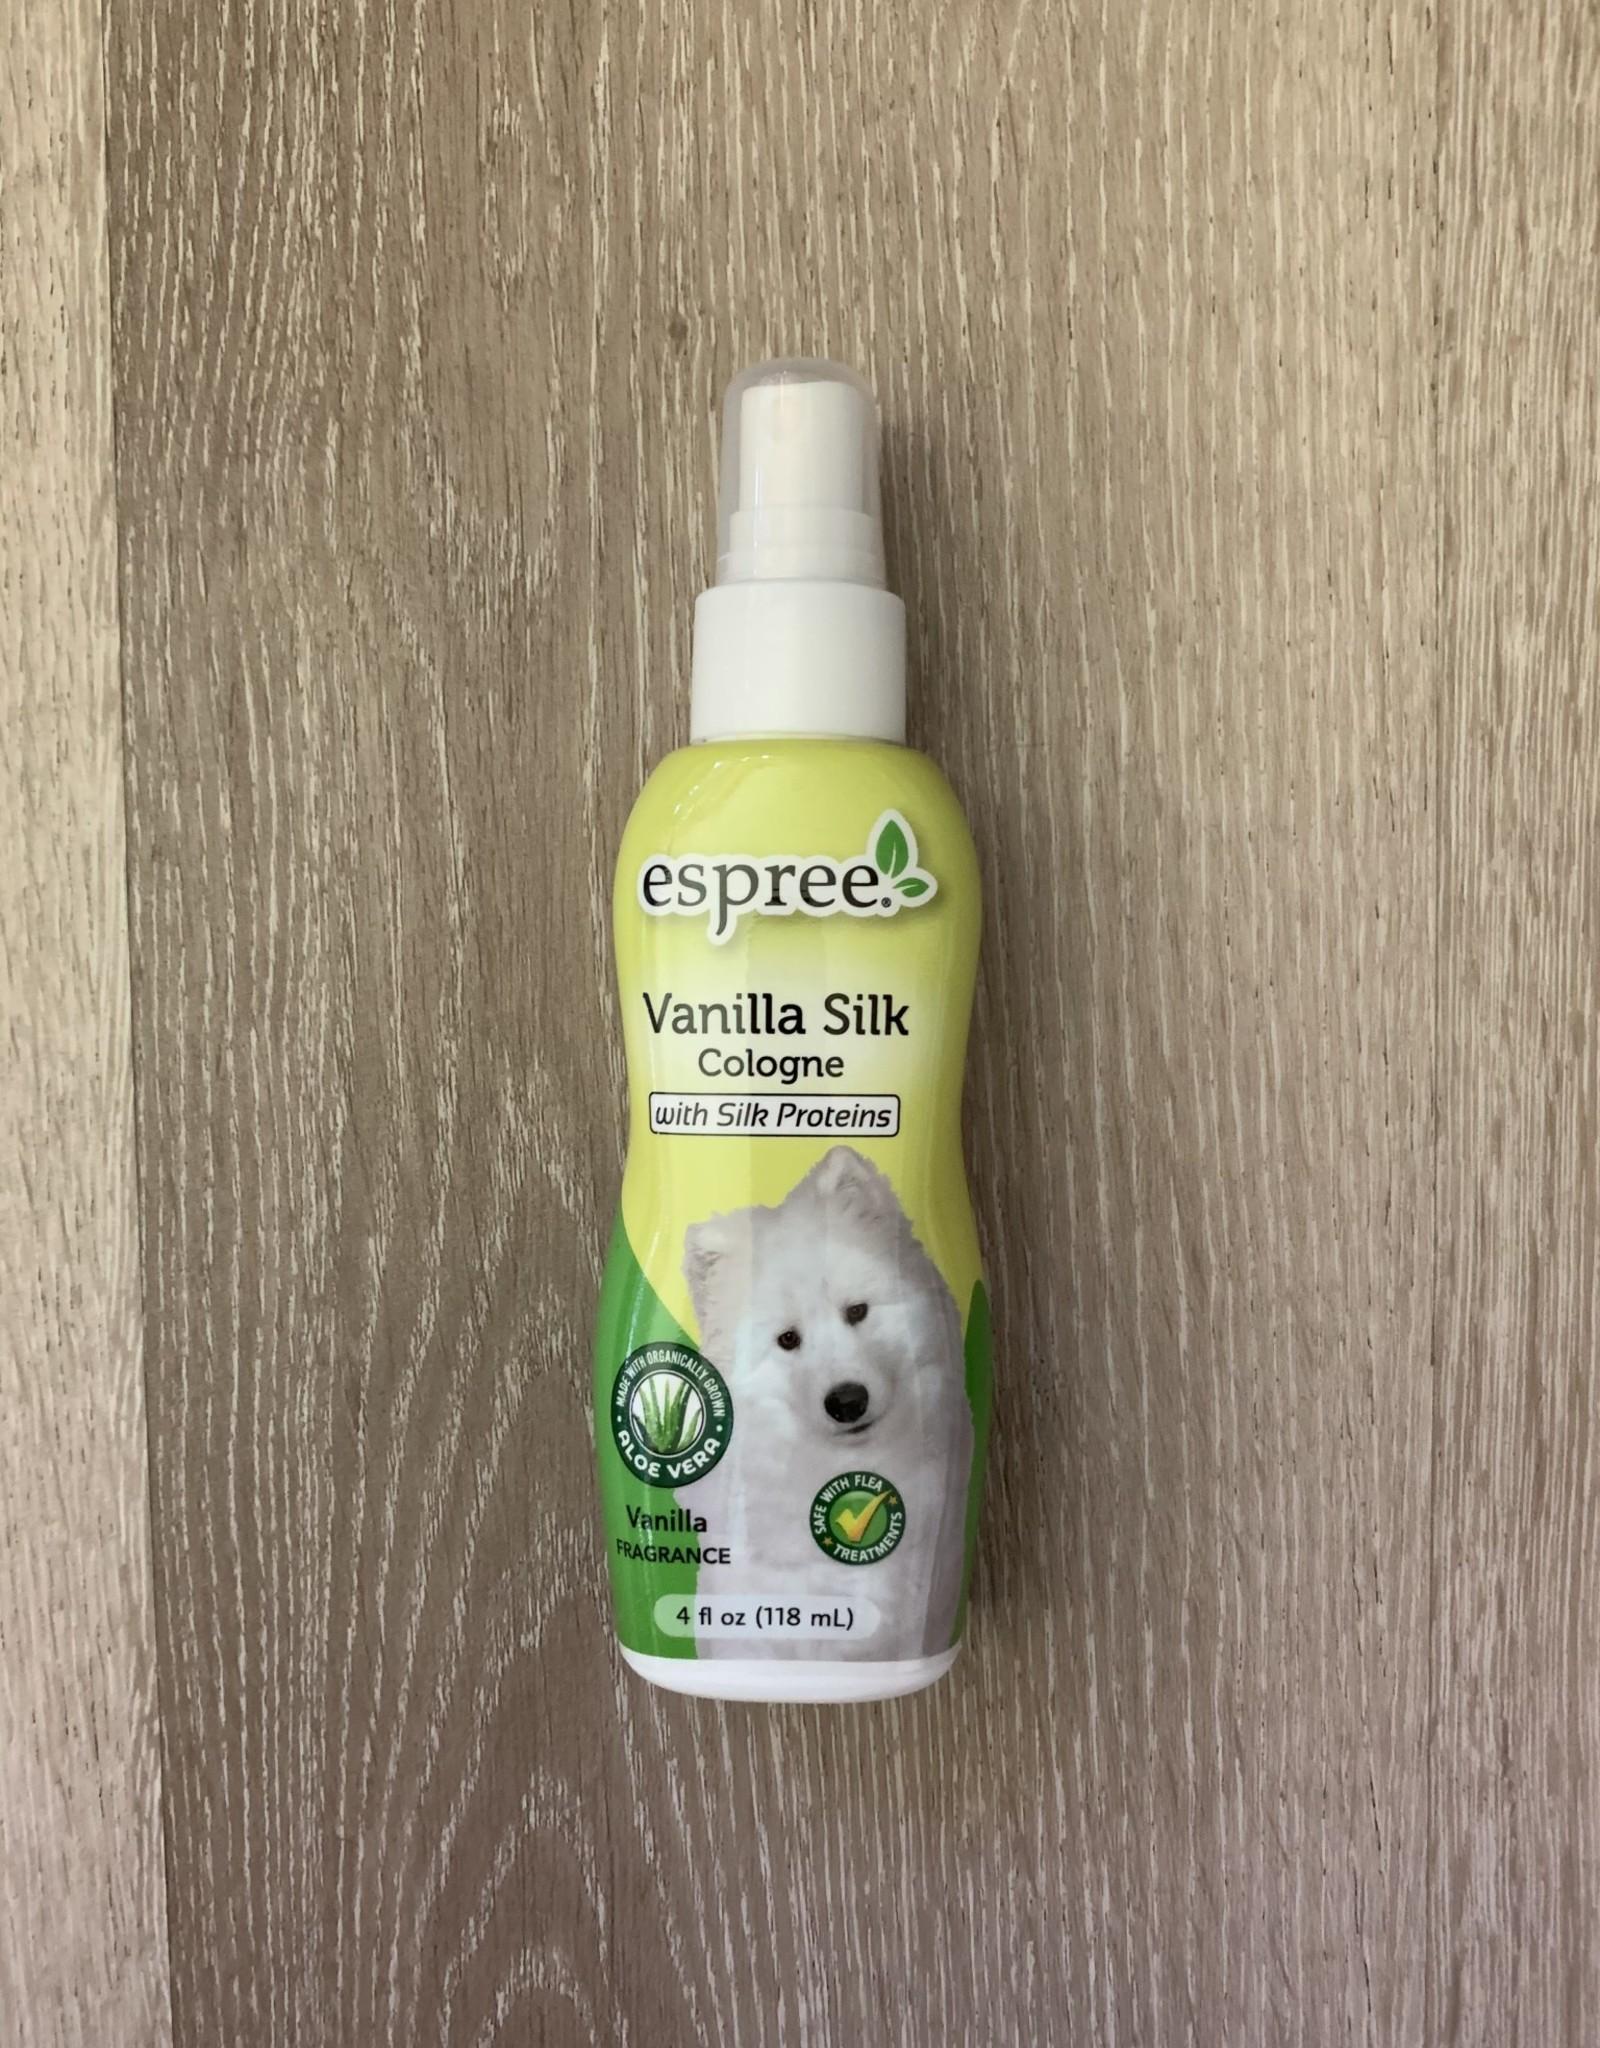 Espree Vanilla Silk Cologne Spray